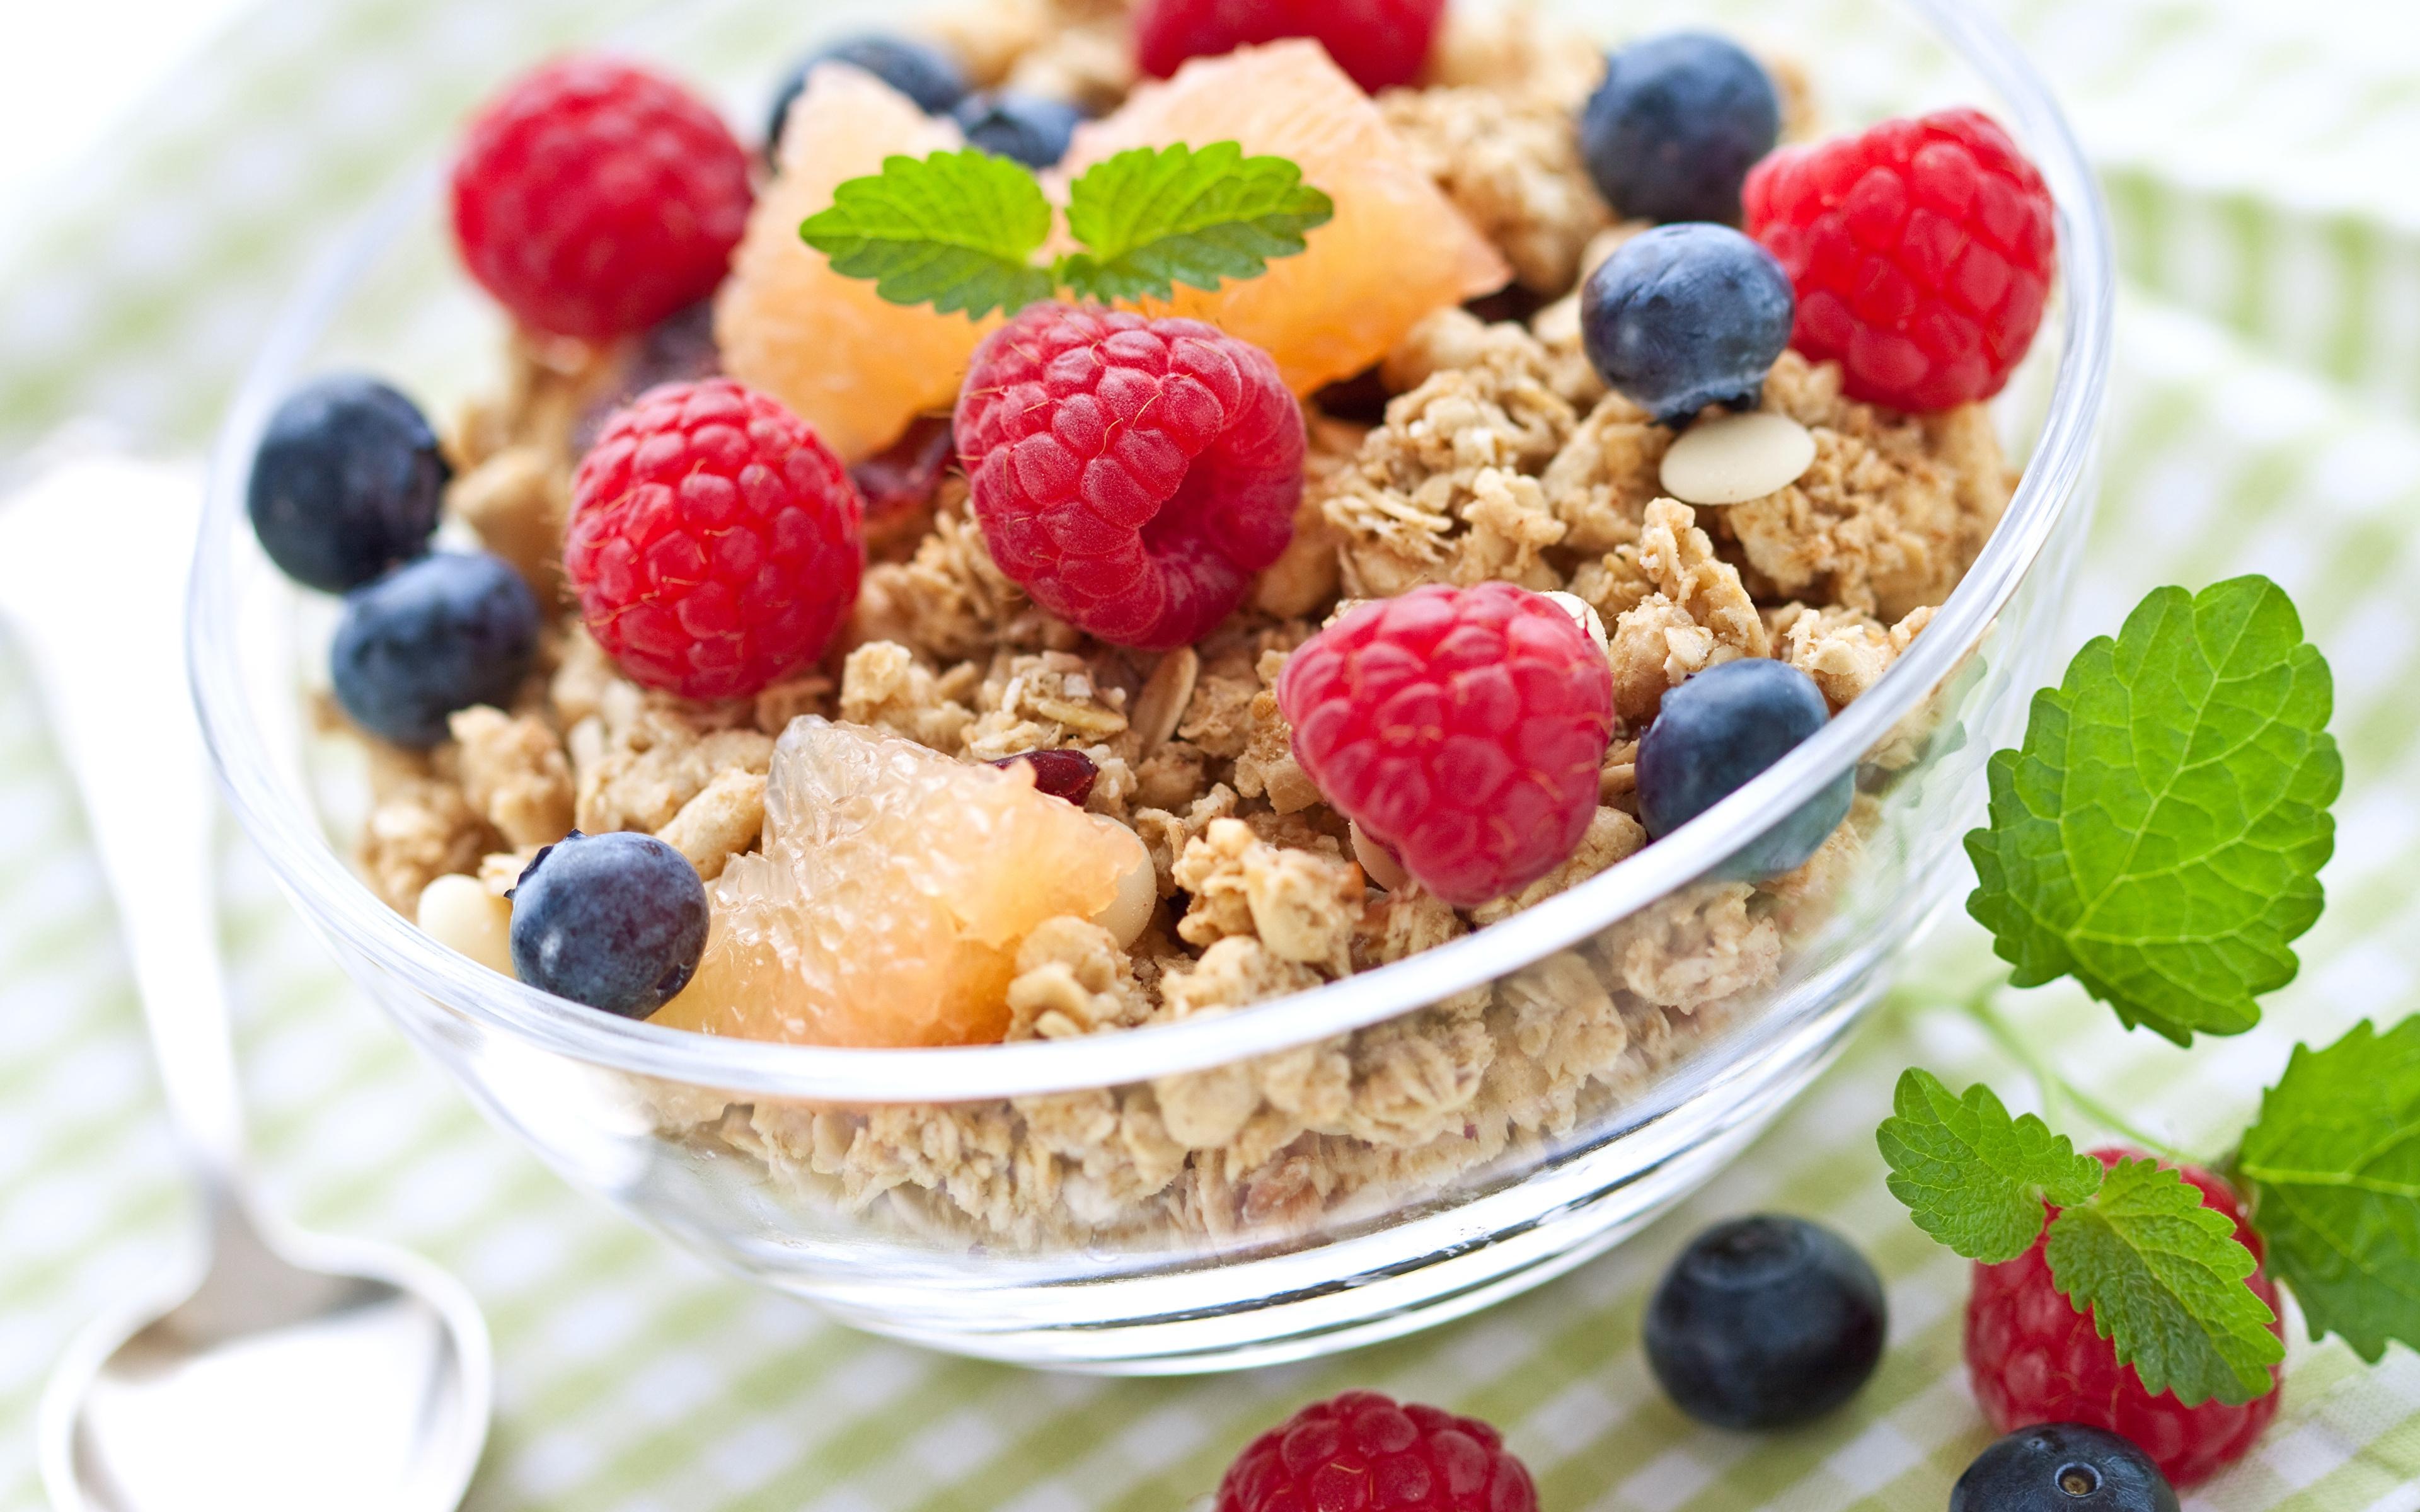 Fotos von Frühstück Himbeeren Heidelbeeren Müsli das Essen 3840x2400